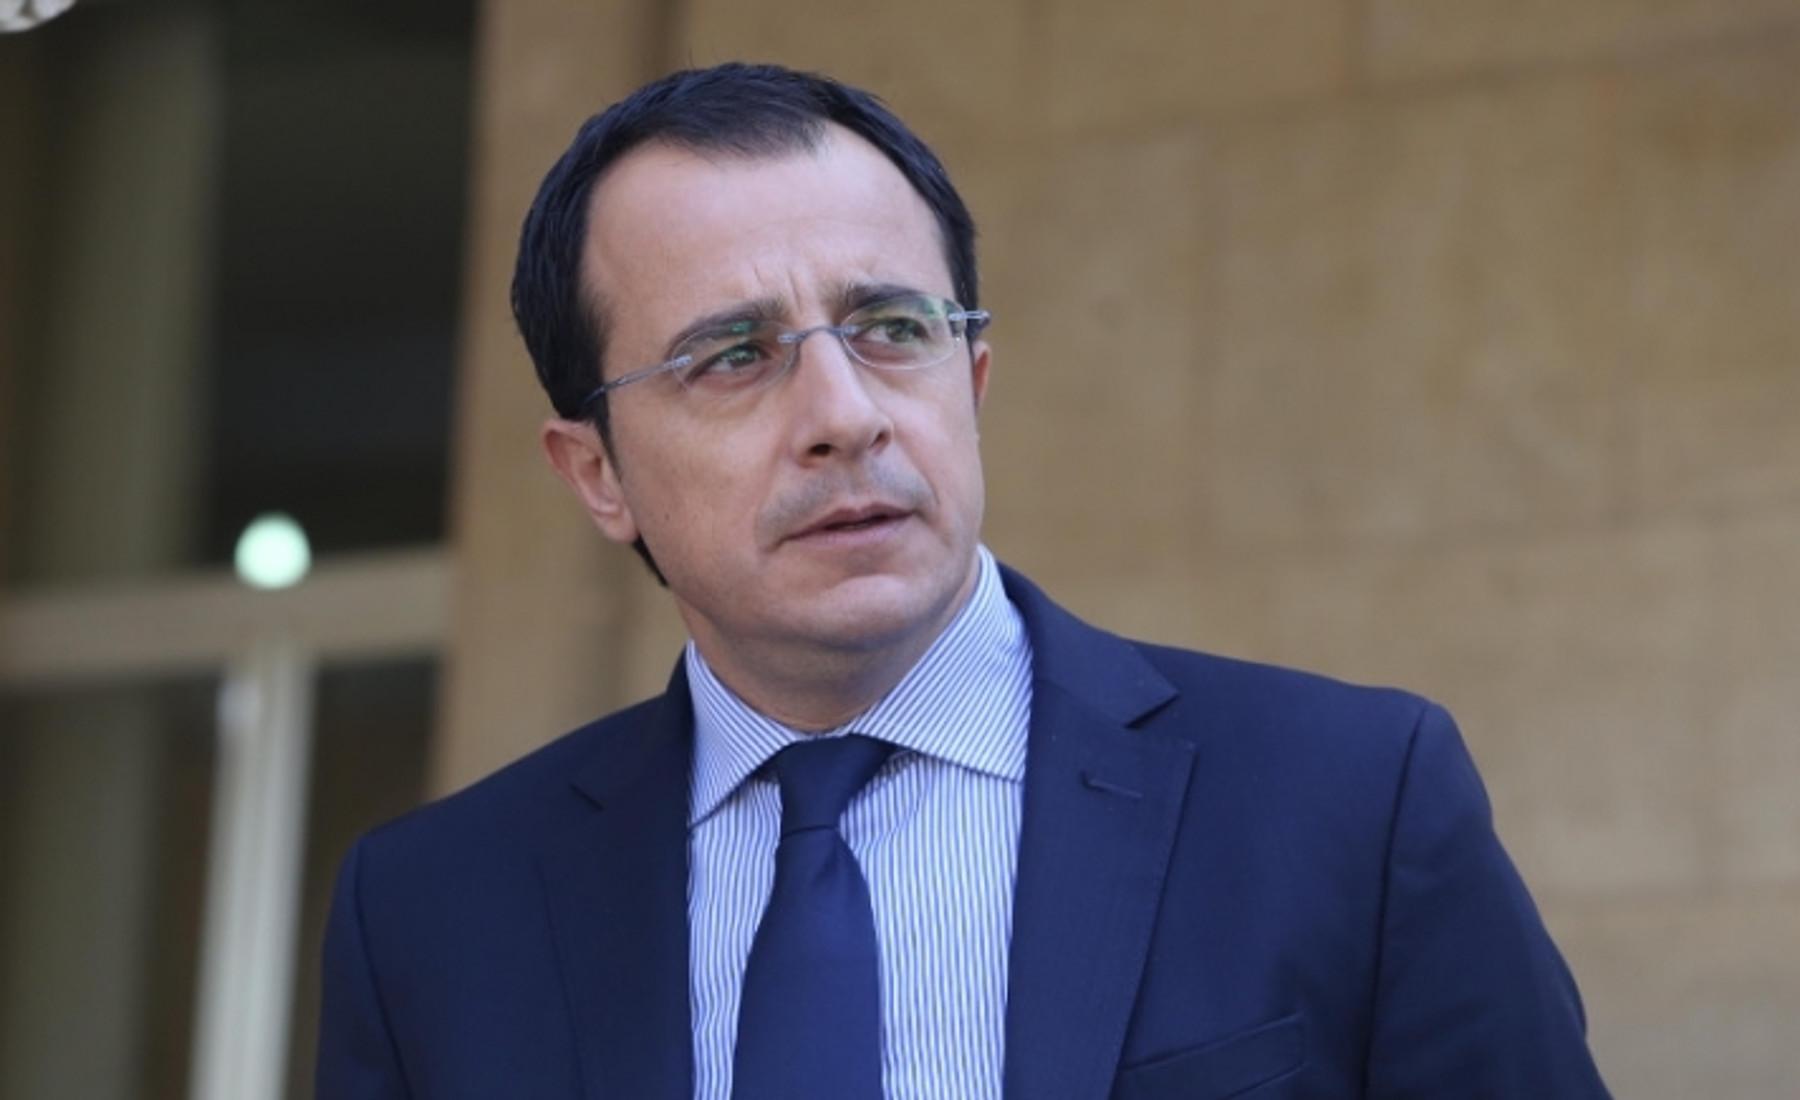 Ministarstvo spoljnih poslova Kipra: Konzulat predstavlja ozbiljan potez secesije